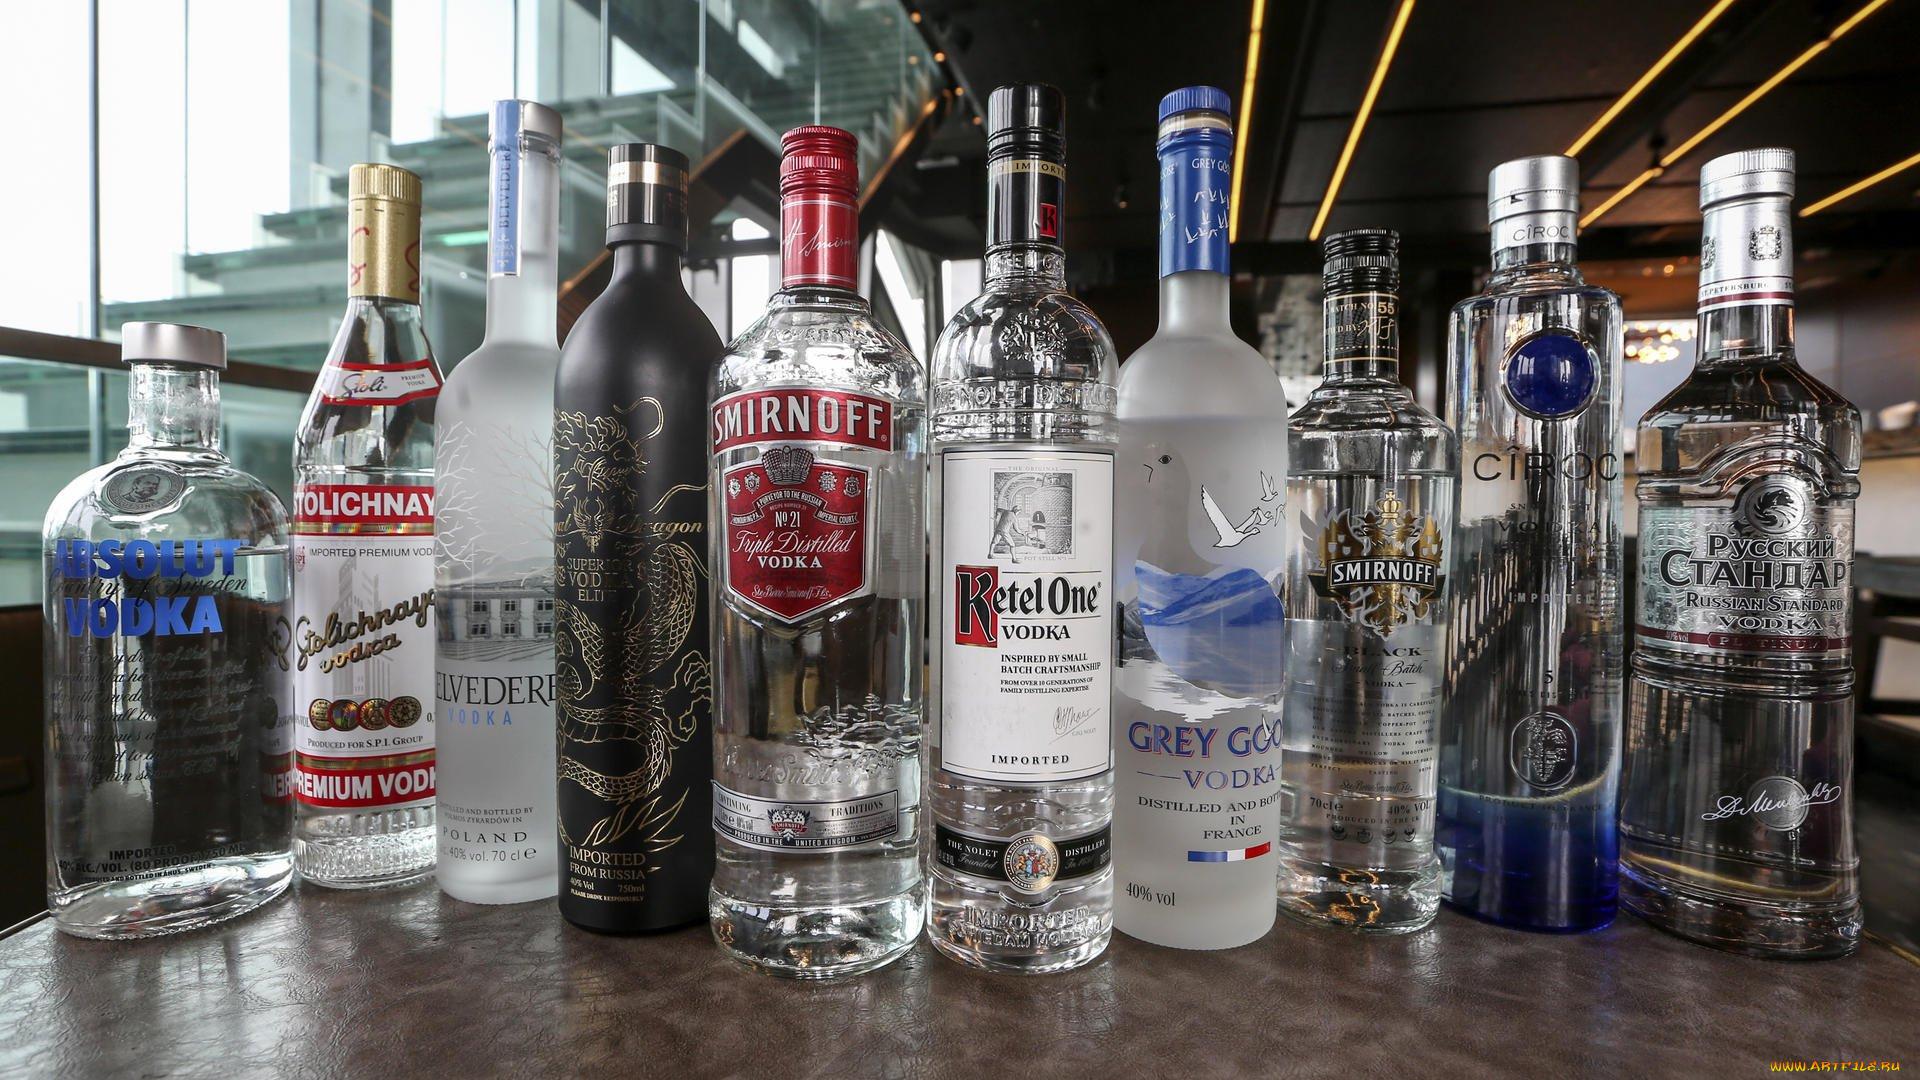 俄罗斯人对酒精的喜爱从何而来插图3-小狮座俄罗斯留学